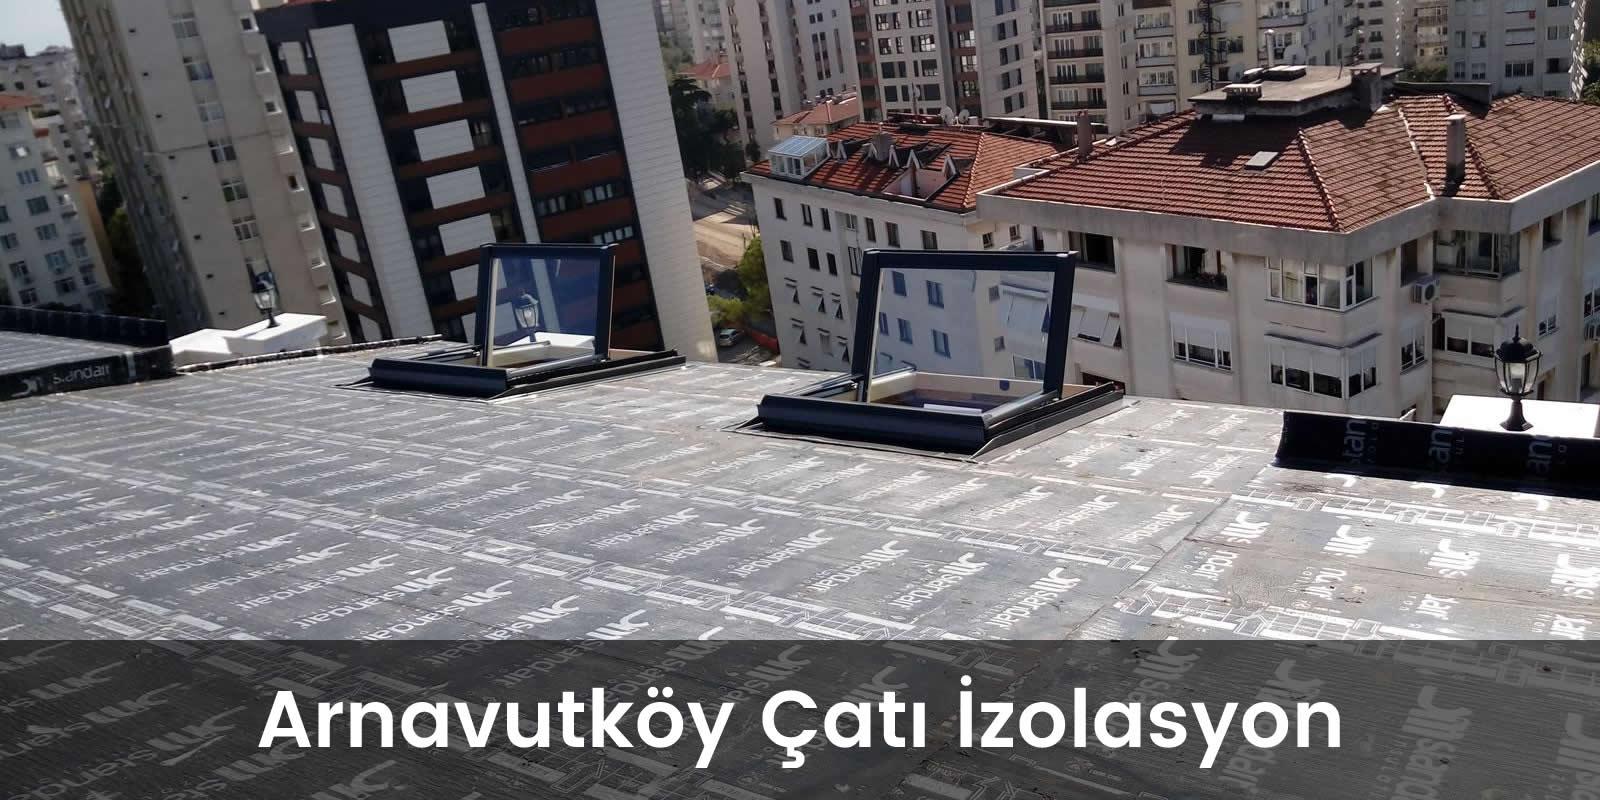 Arnavutköy Çatı İzolasyon